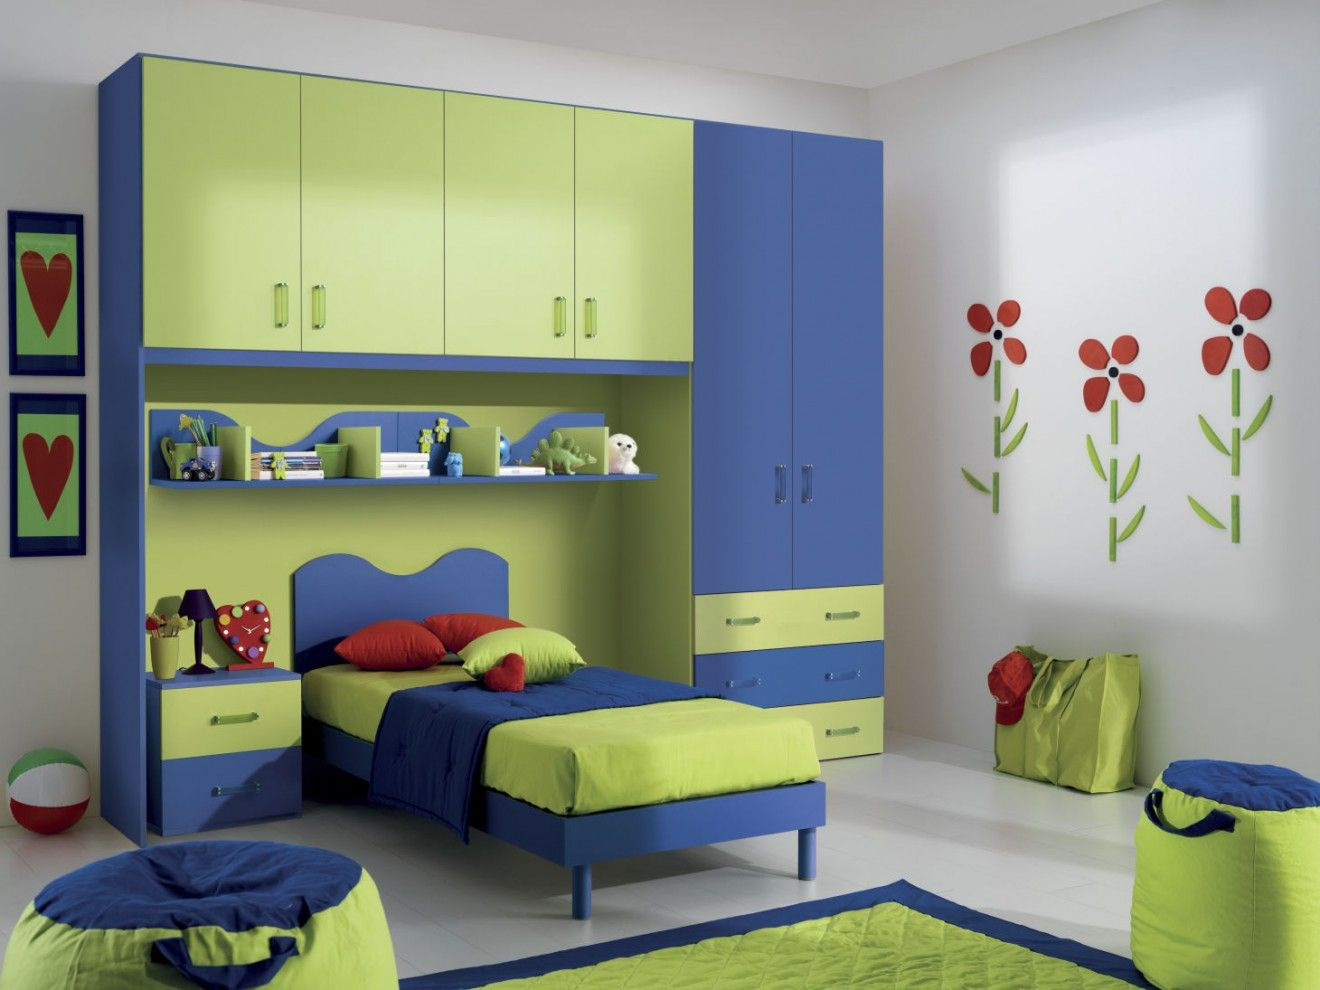 Ima Camerette ~ 26 best camere a ponte images on pinterest kid bedrooms kid rooms